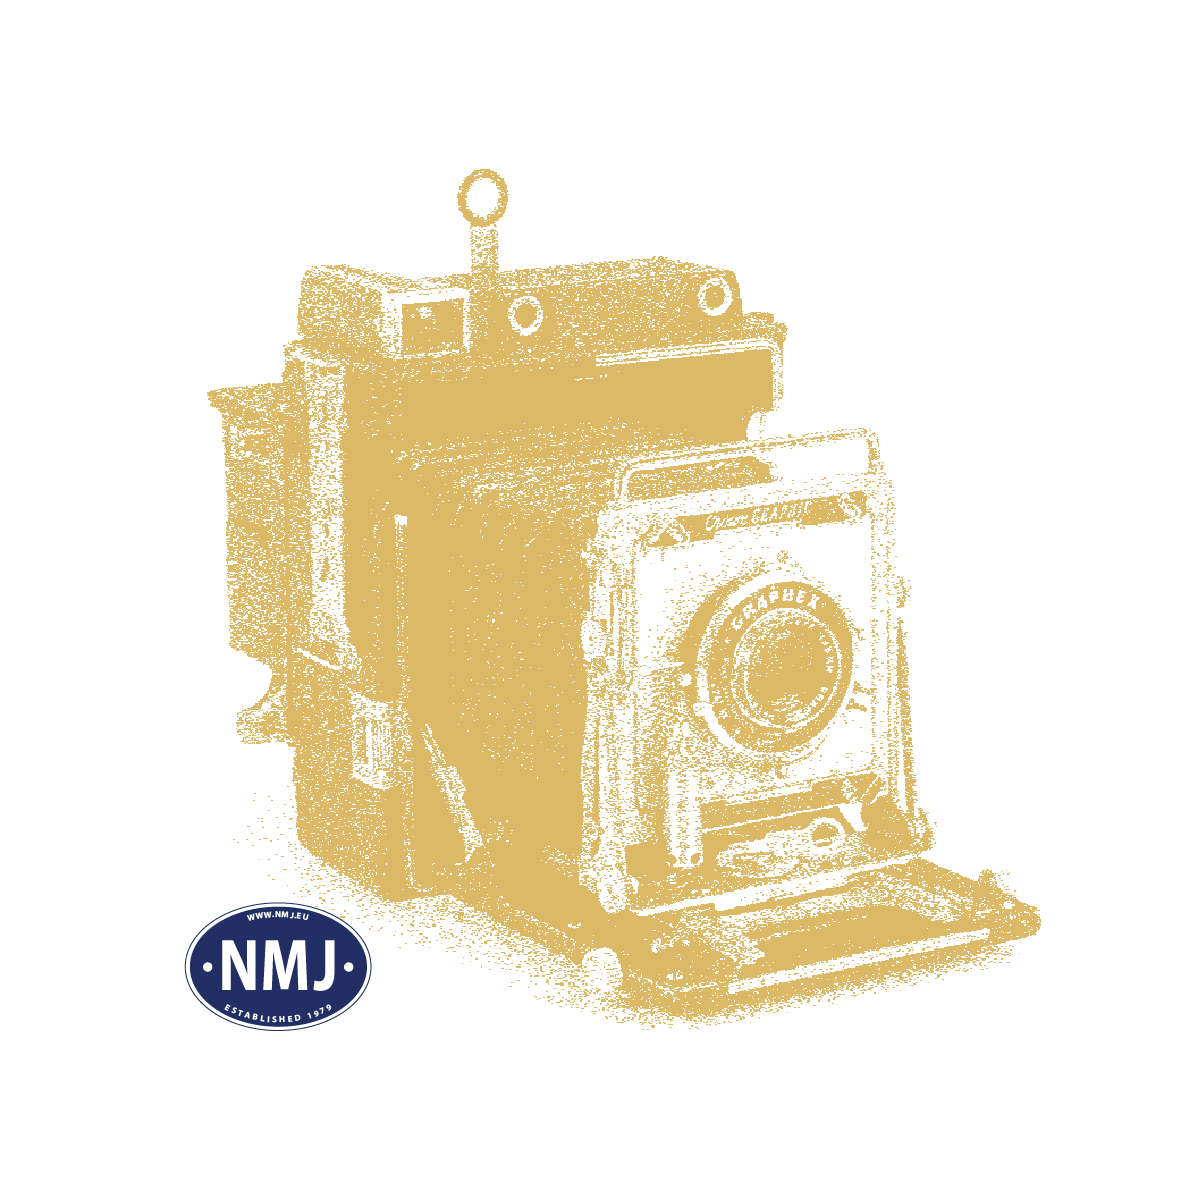 NMJ0TL3-3 - NMJ Superline NSB Tl3 6886, 0-Scala